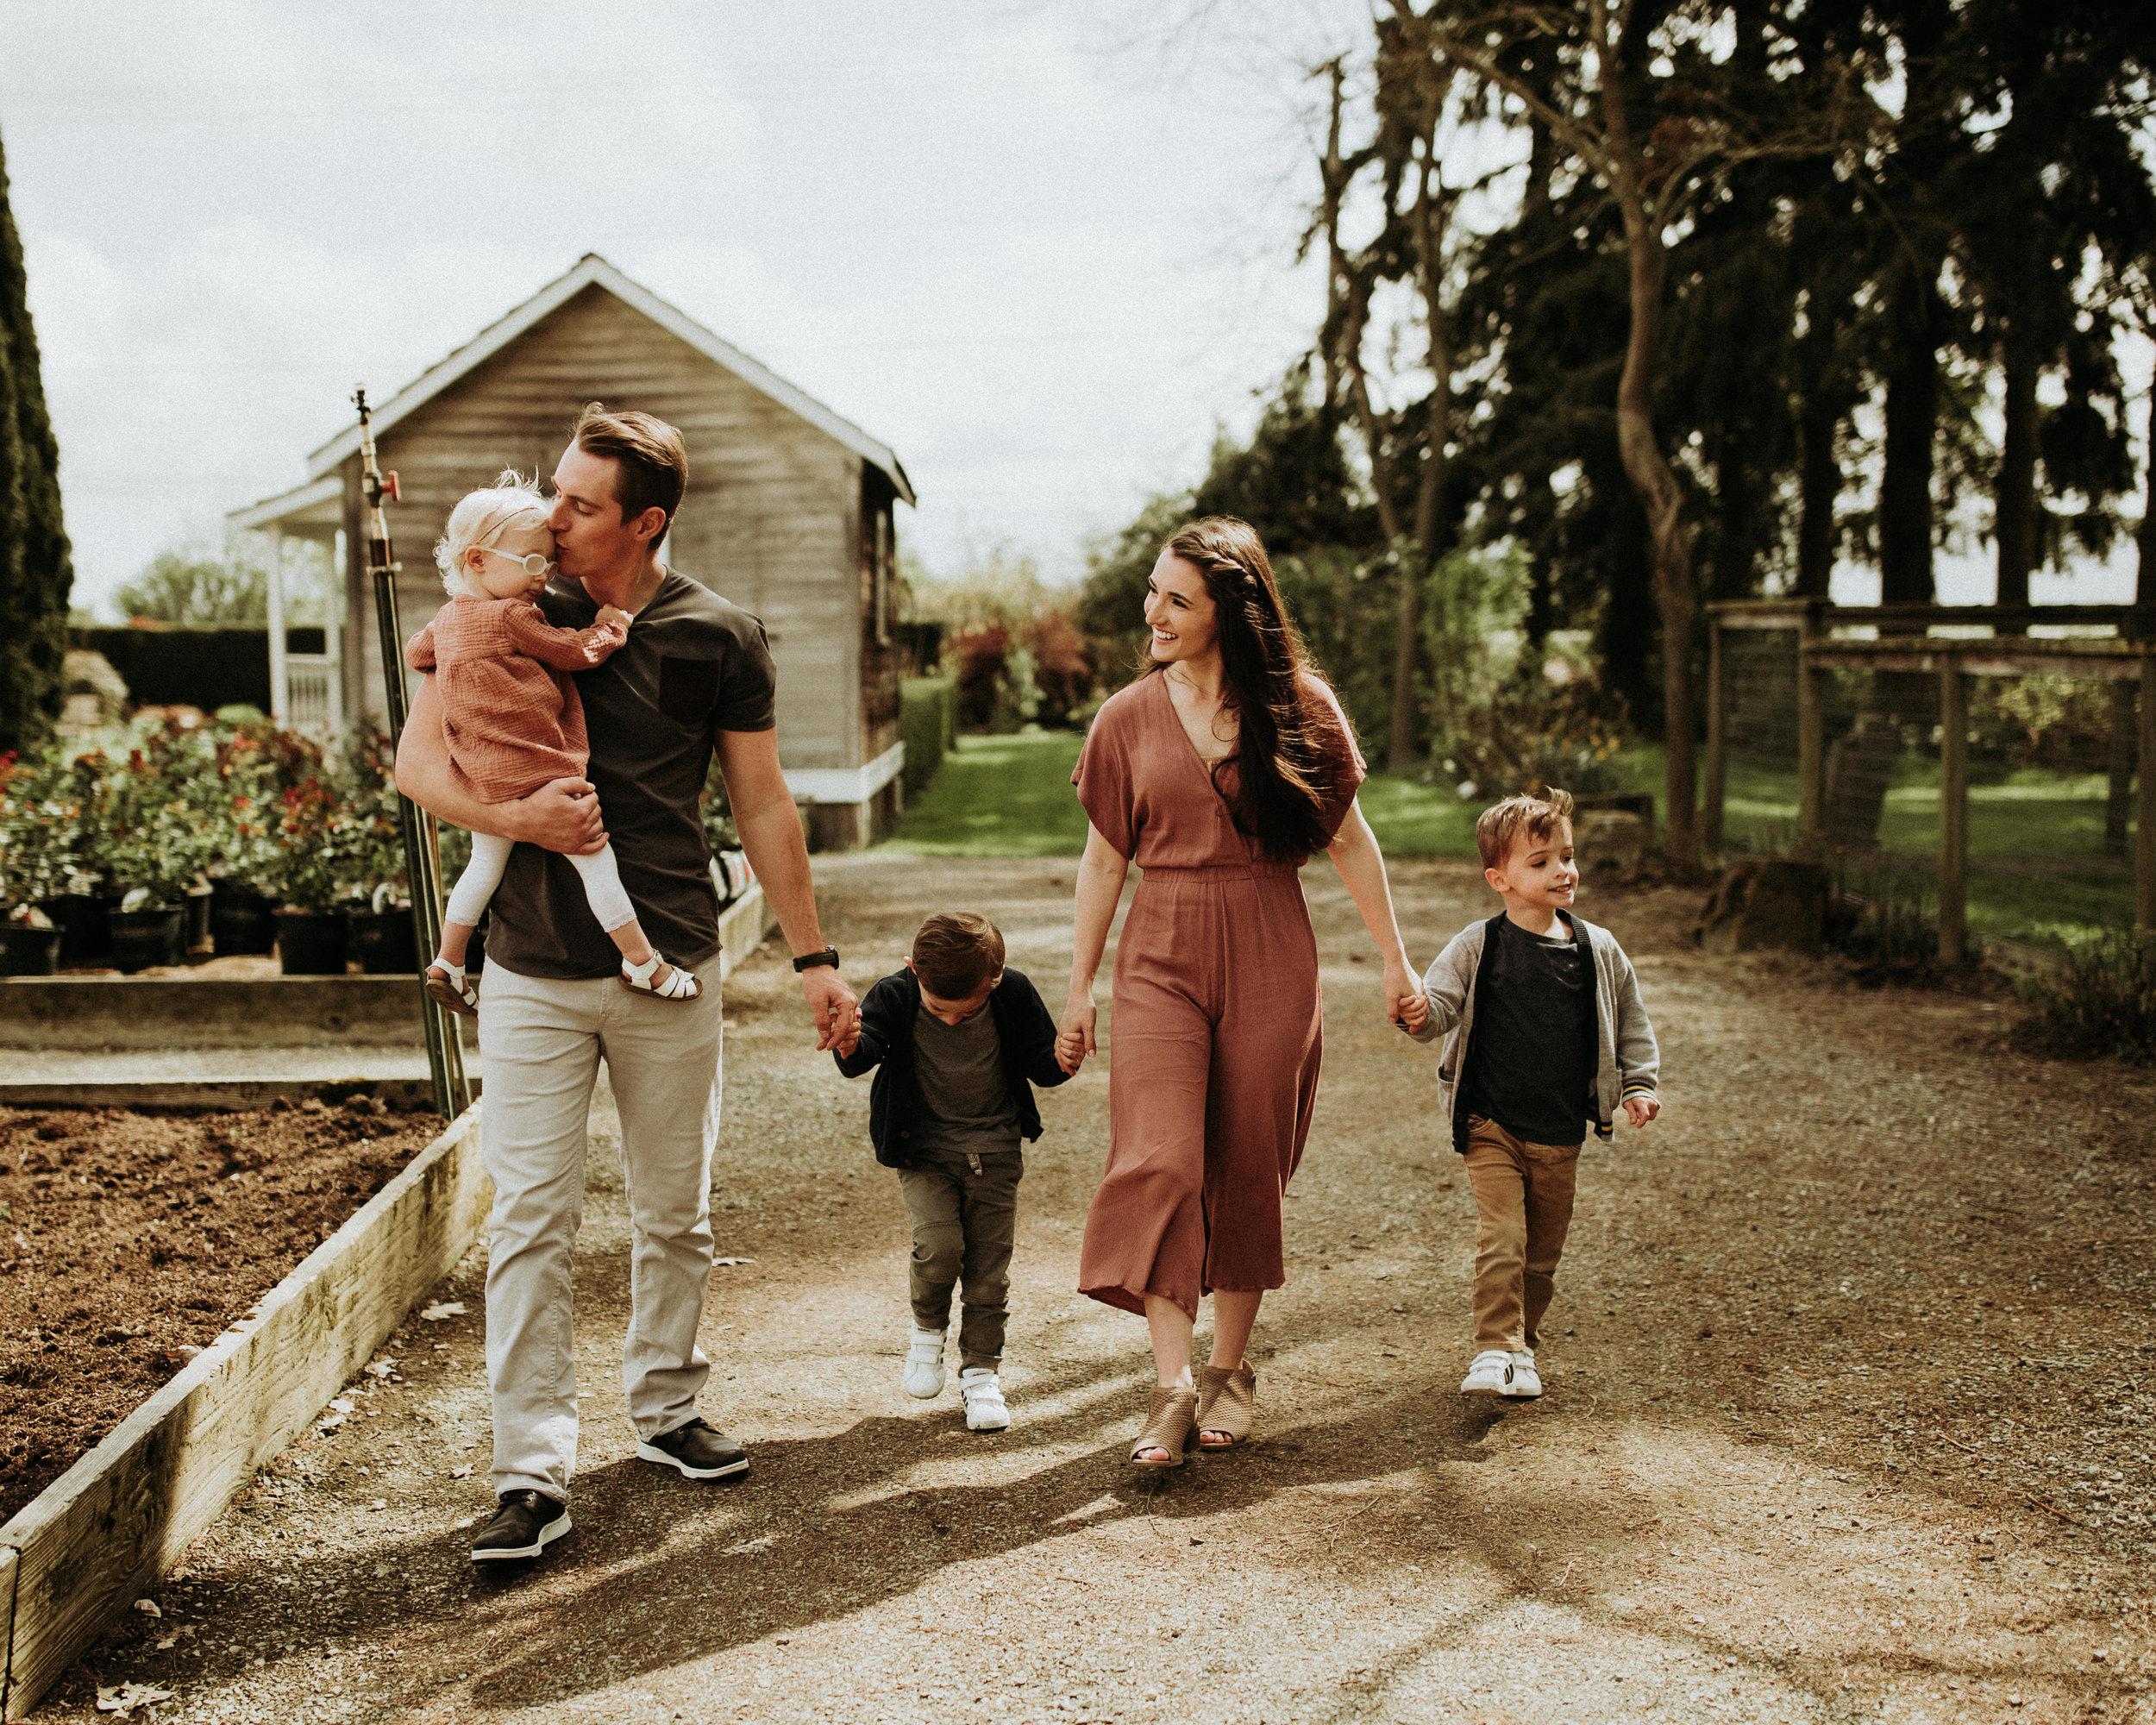 Family-Photographer-Bellingham-WA-Brianne-Bell-Photograpy-(Bennett)-14.jpg